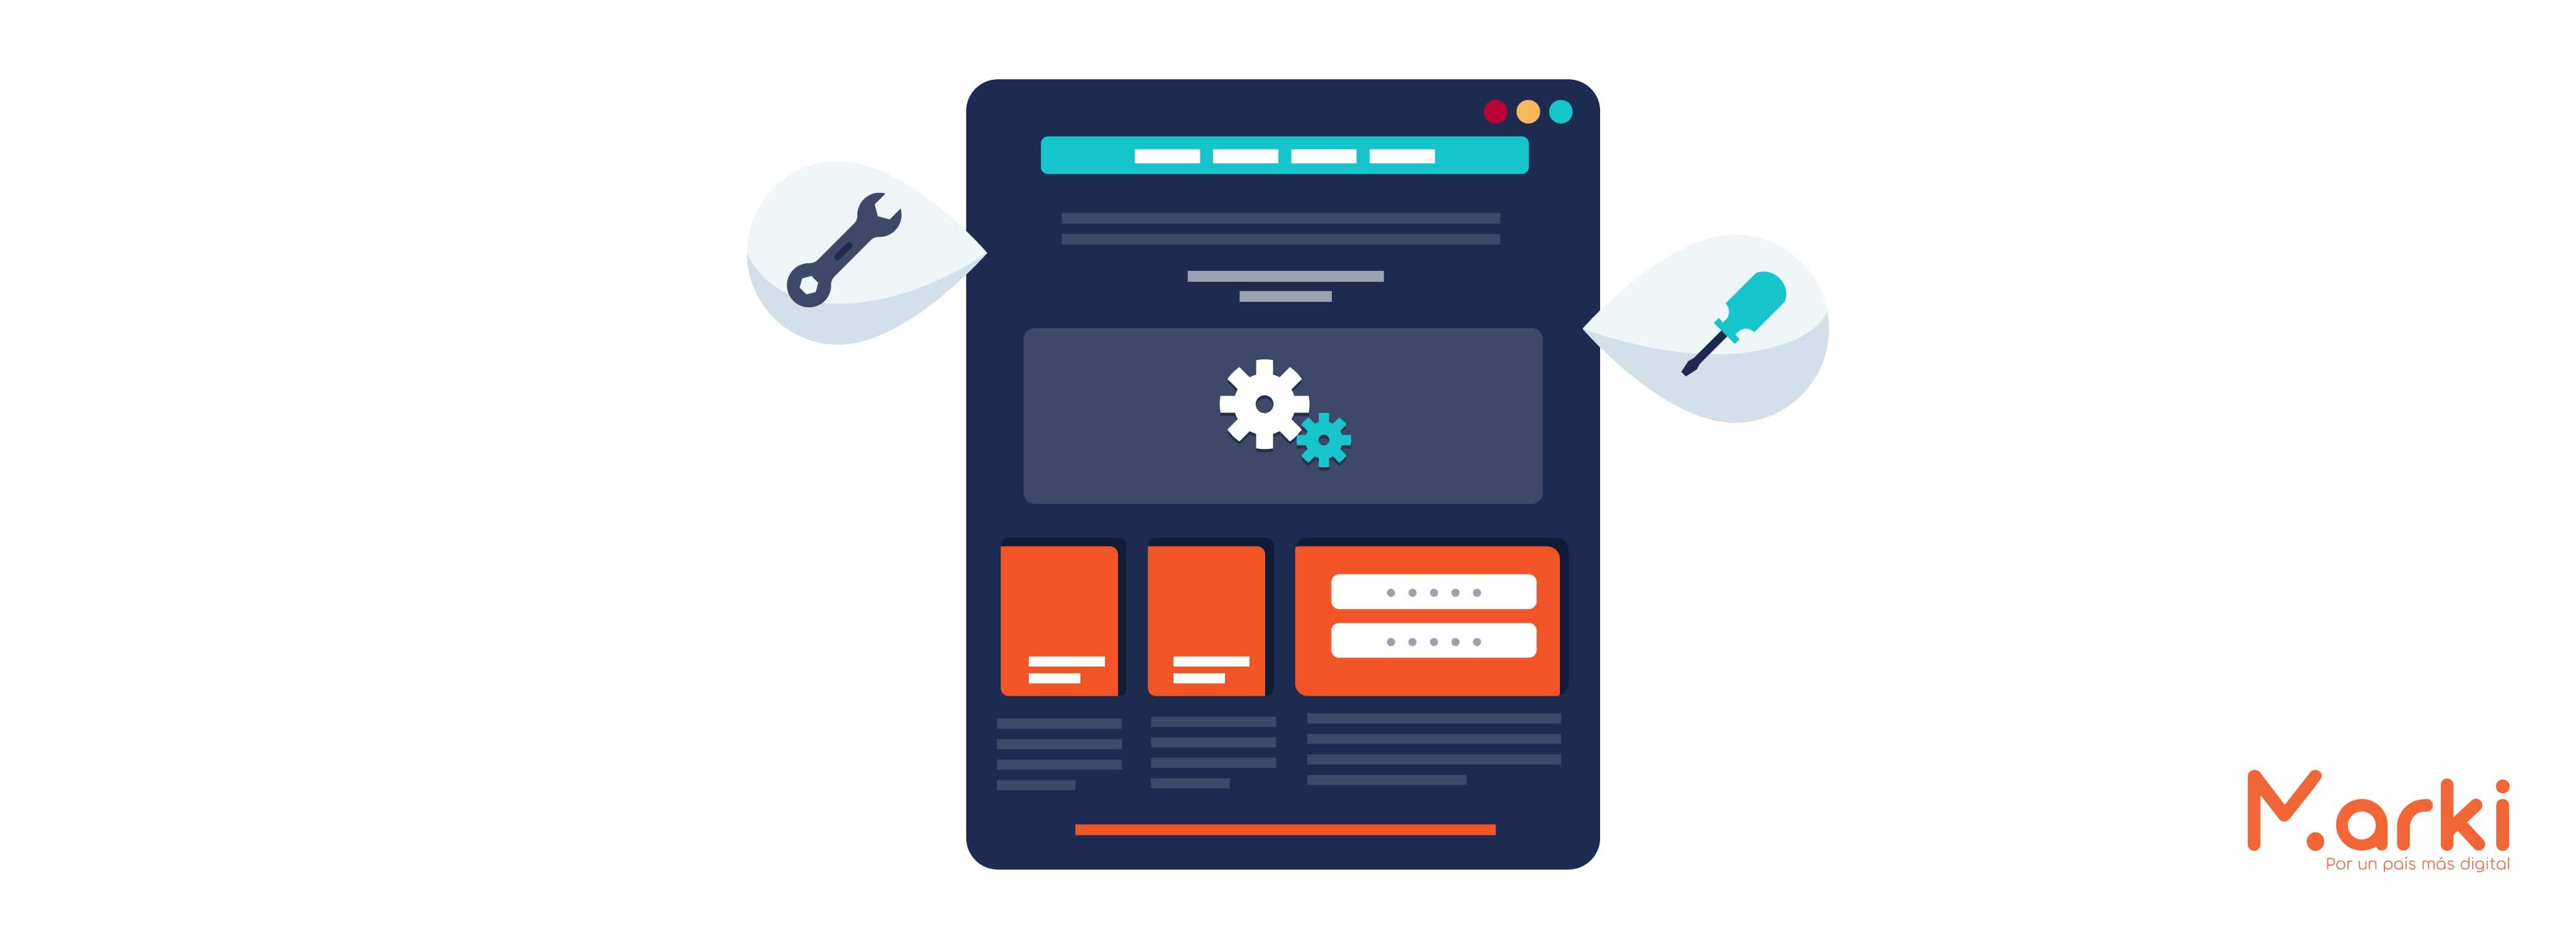 landing page design marki que es una landing page y para que sirve landing page para que sirve diferencias entre landing page y sitio web que es una landing page diseño de marki